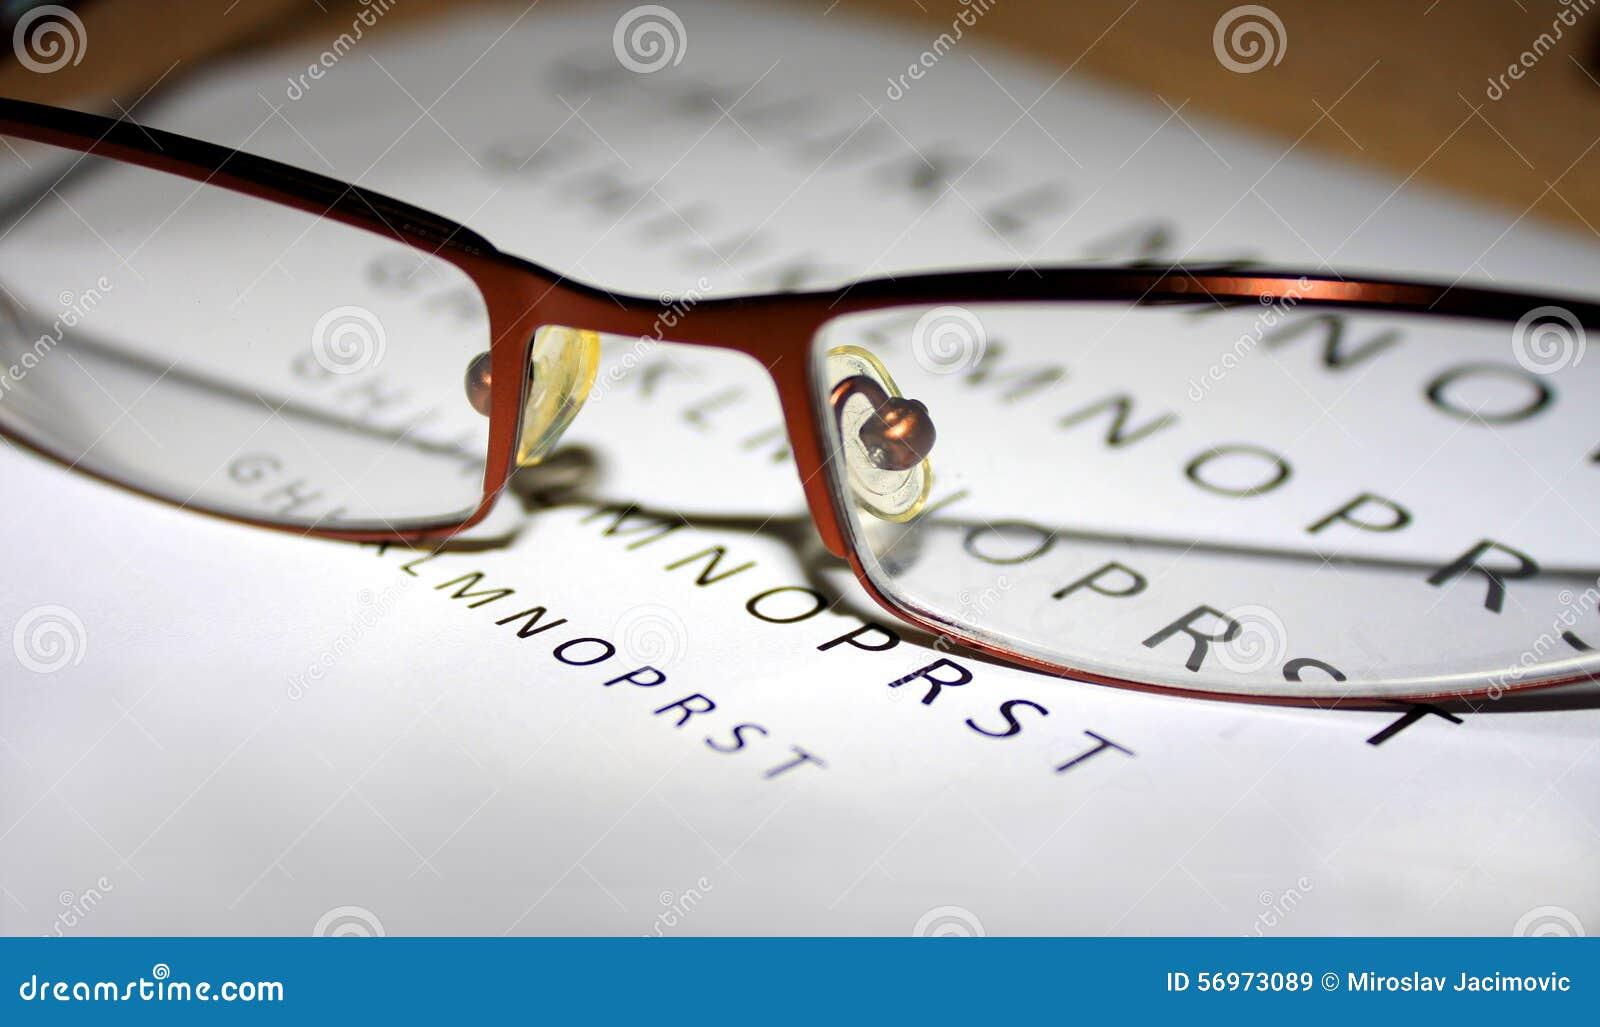 Problèmes avec la vision quand nous lecture